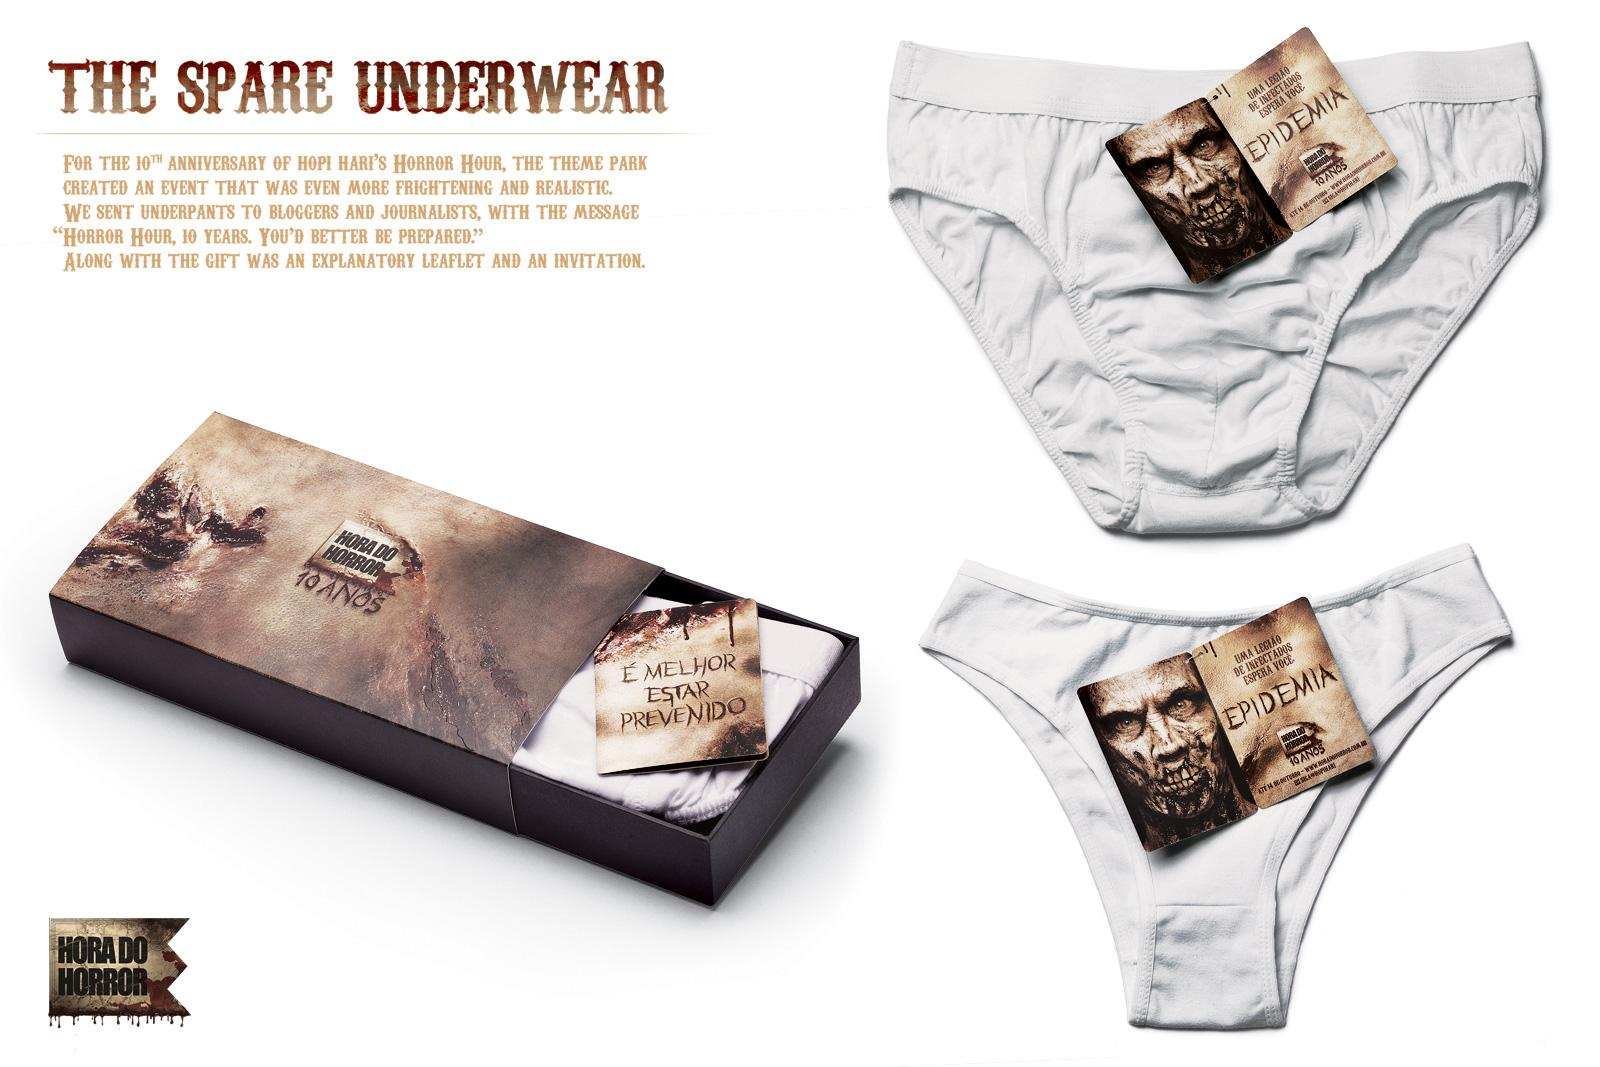 Hopi Hari Theme Park Direct Ad -  The Spare Underwear